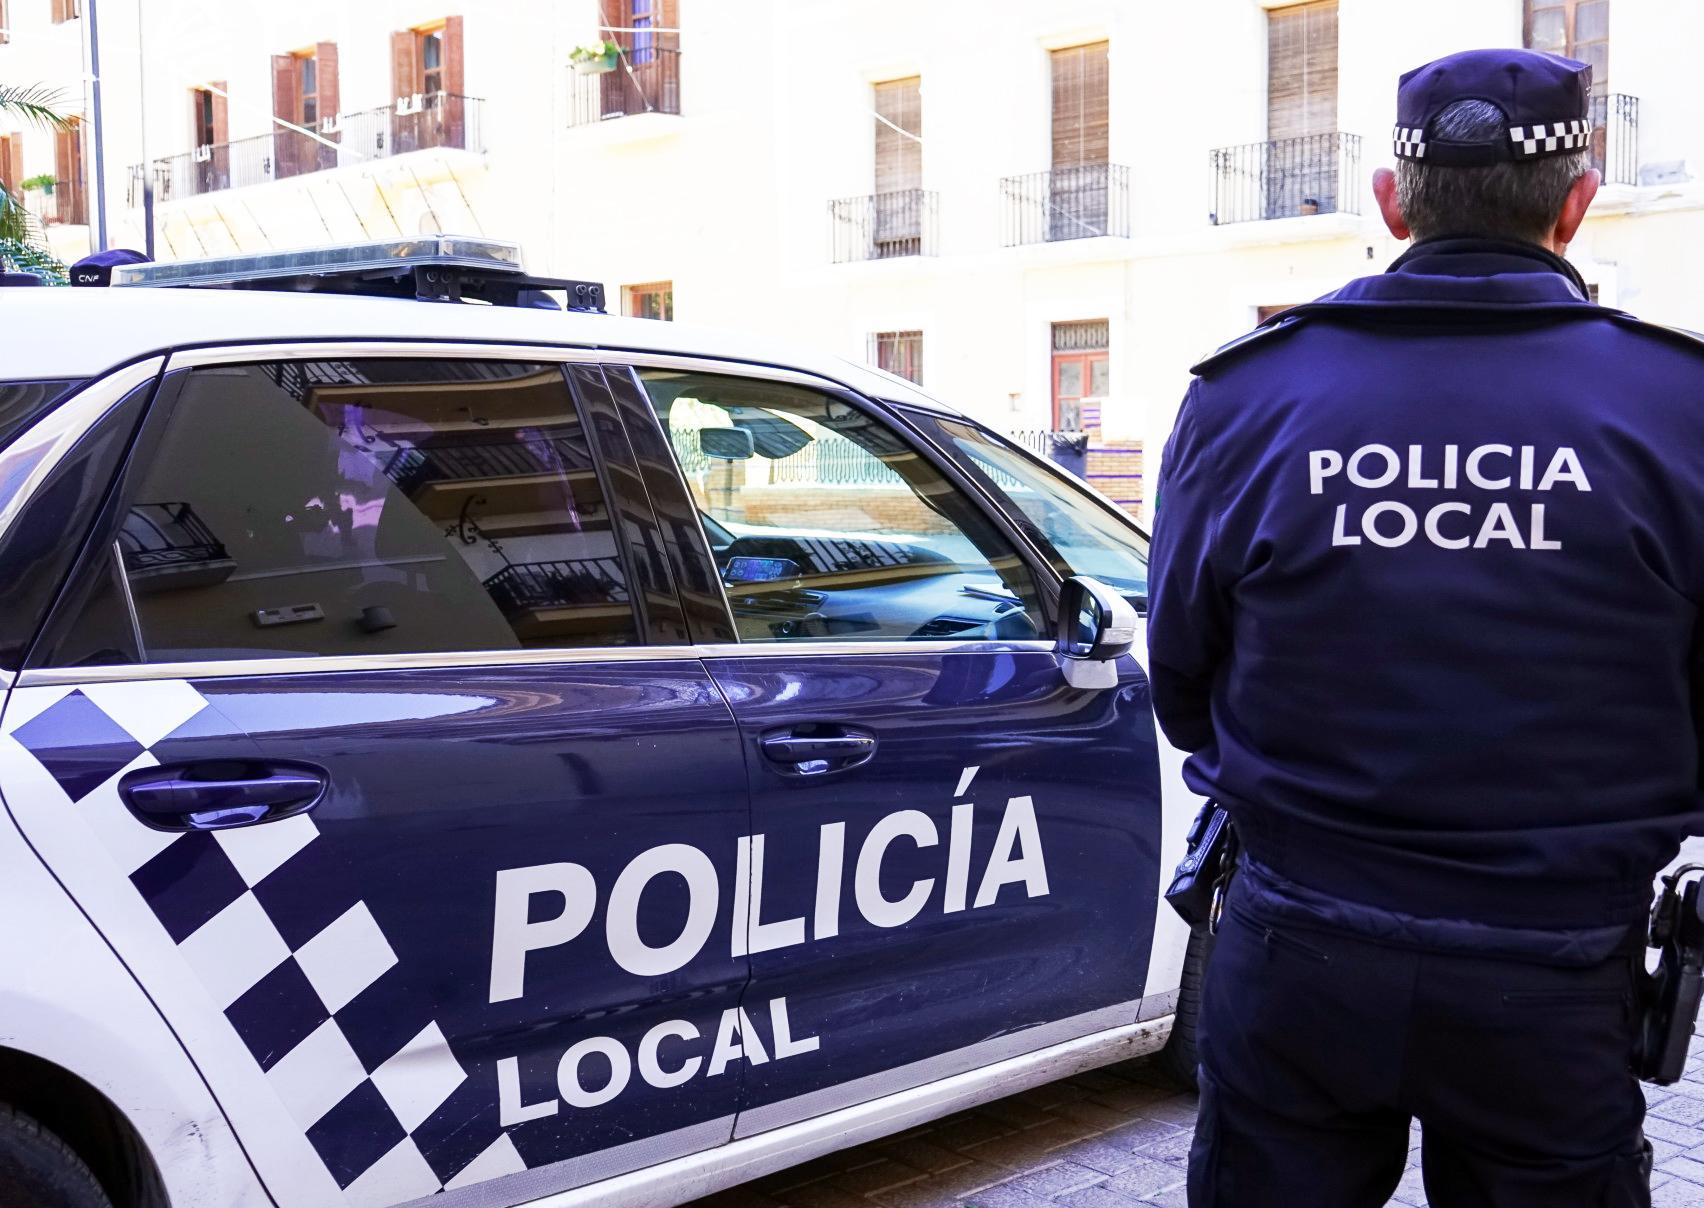 Bases de cuatro plazas de Policía Local en el Ayuntamiento de Motril